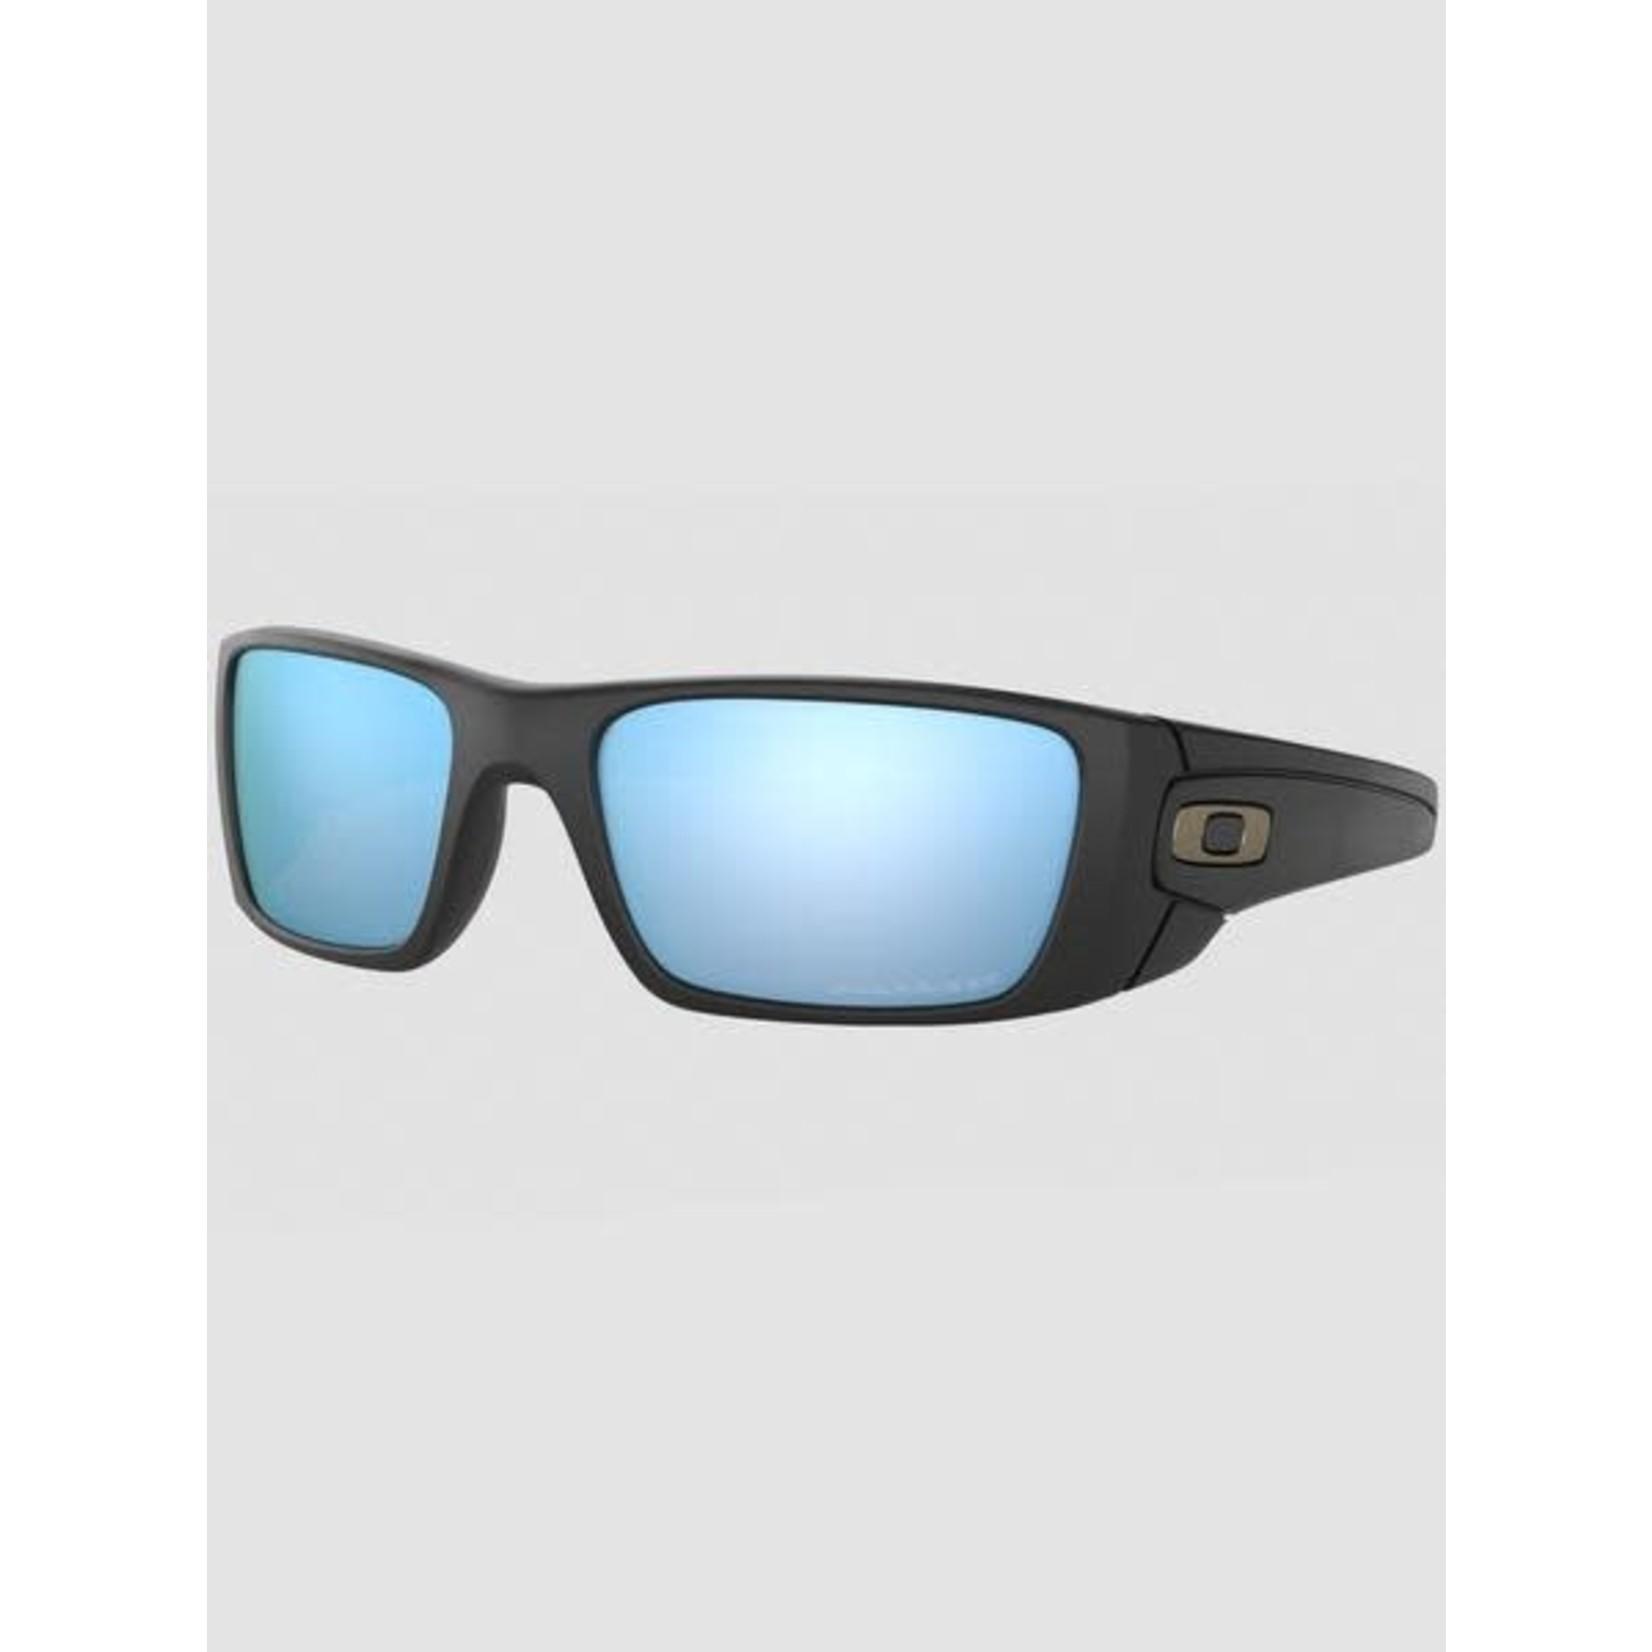 Oakley Oakley Sunglasses, Fuel Cell, Matte Blk, Prizm Deep Water Polarized